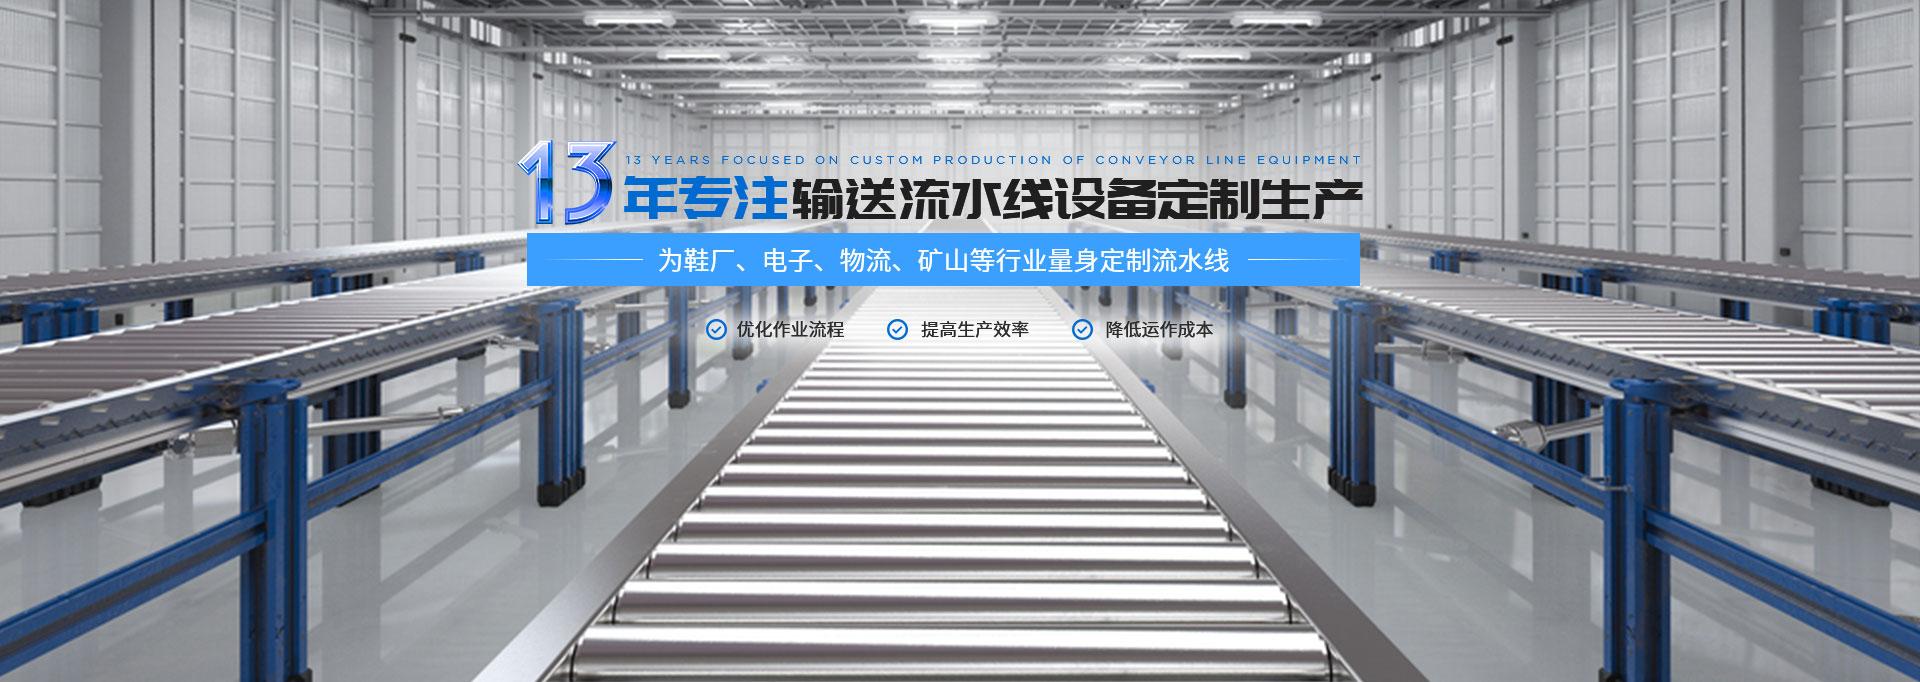 金泰13年专注输送流水线设备定制生产